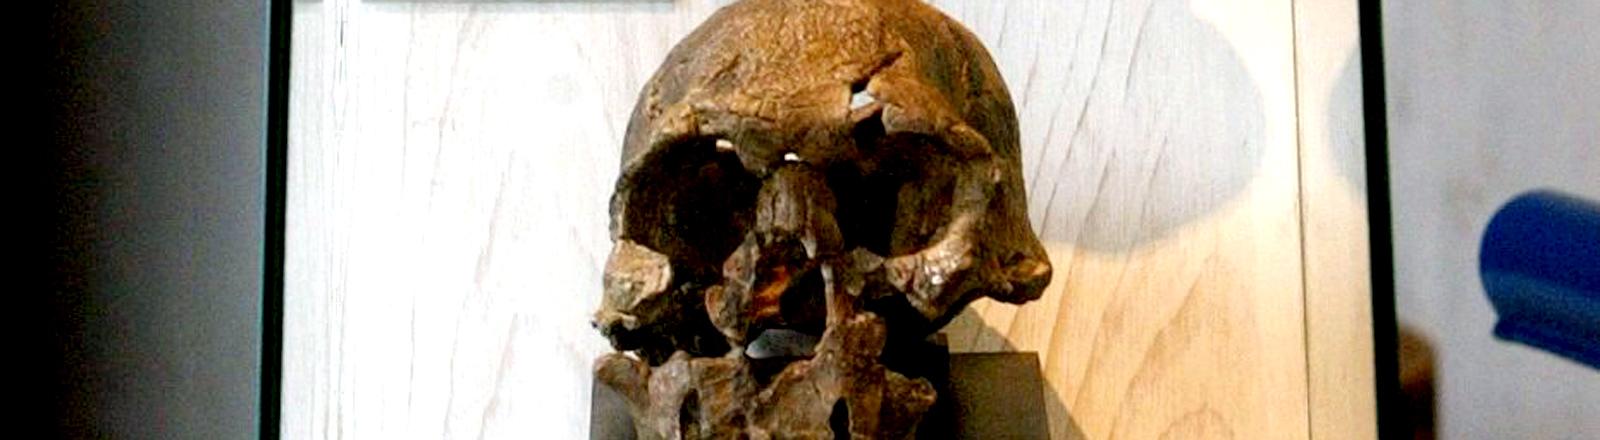 Schädel des Homo rudolfensis im Neanderthal-Museum in Mettmann